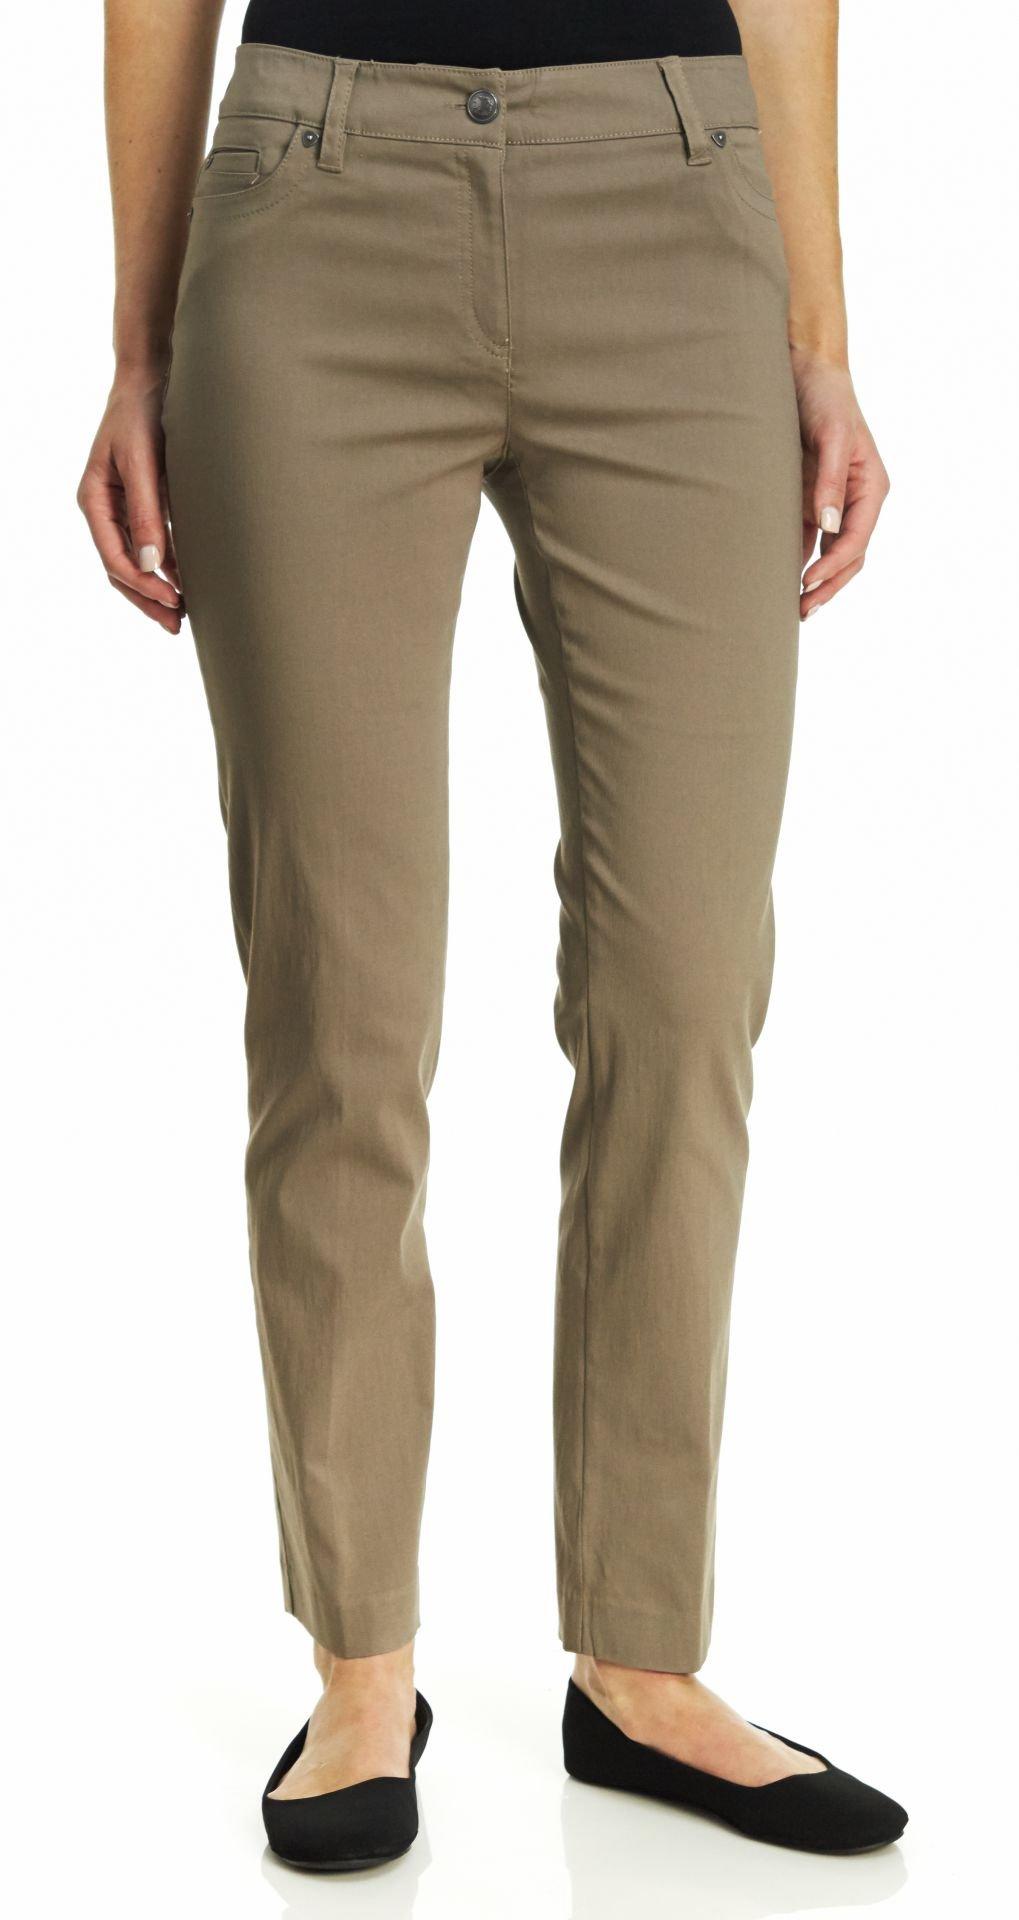 Zac & Rachel Women's Millenium Jeans, Taupe, 12